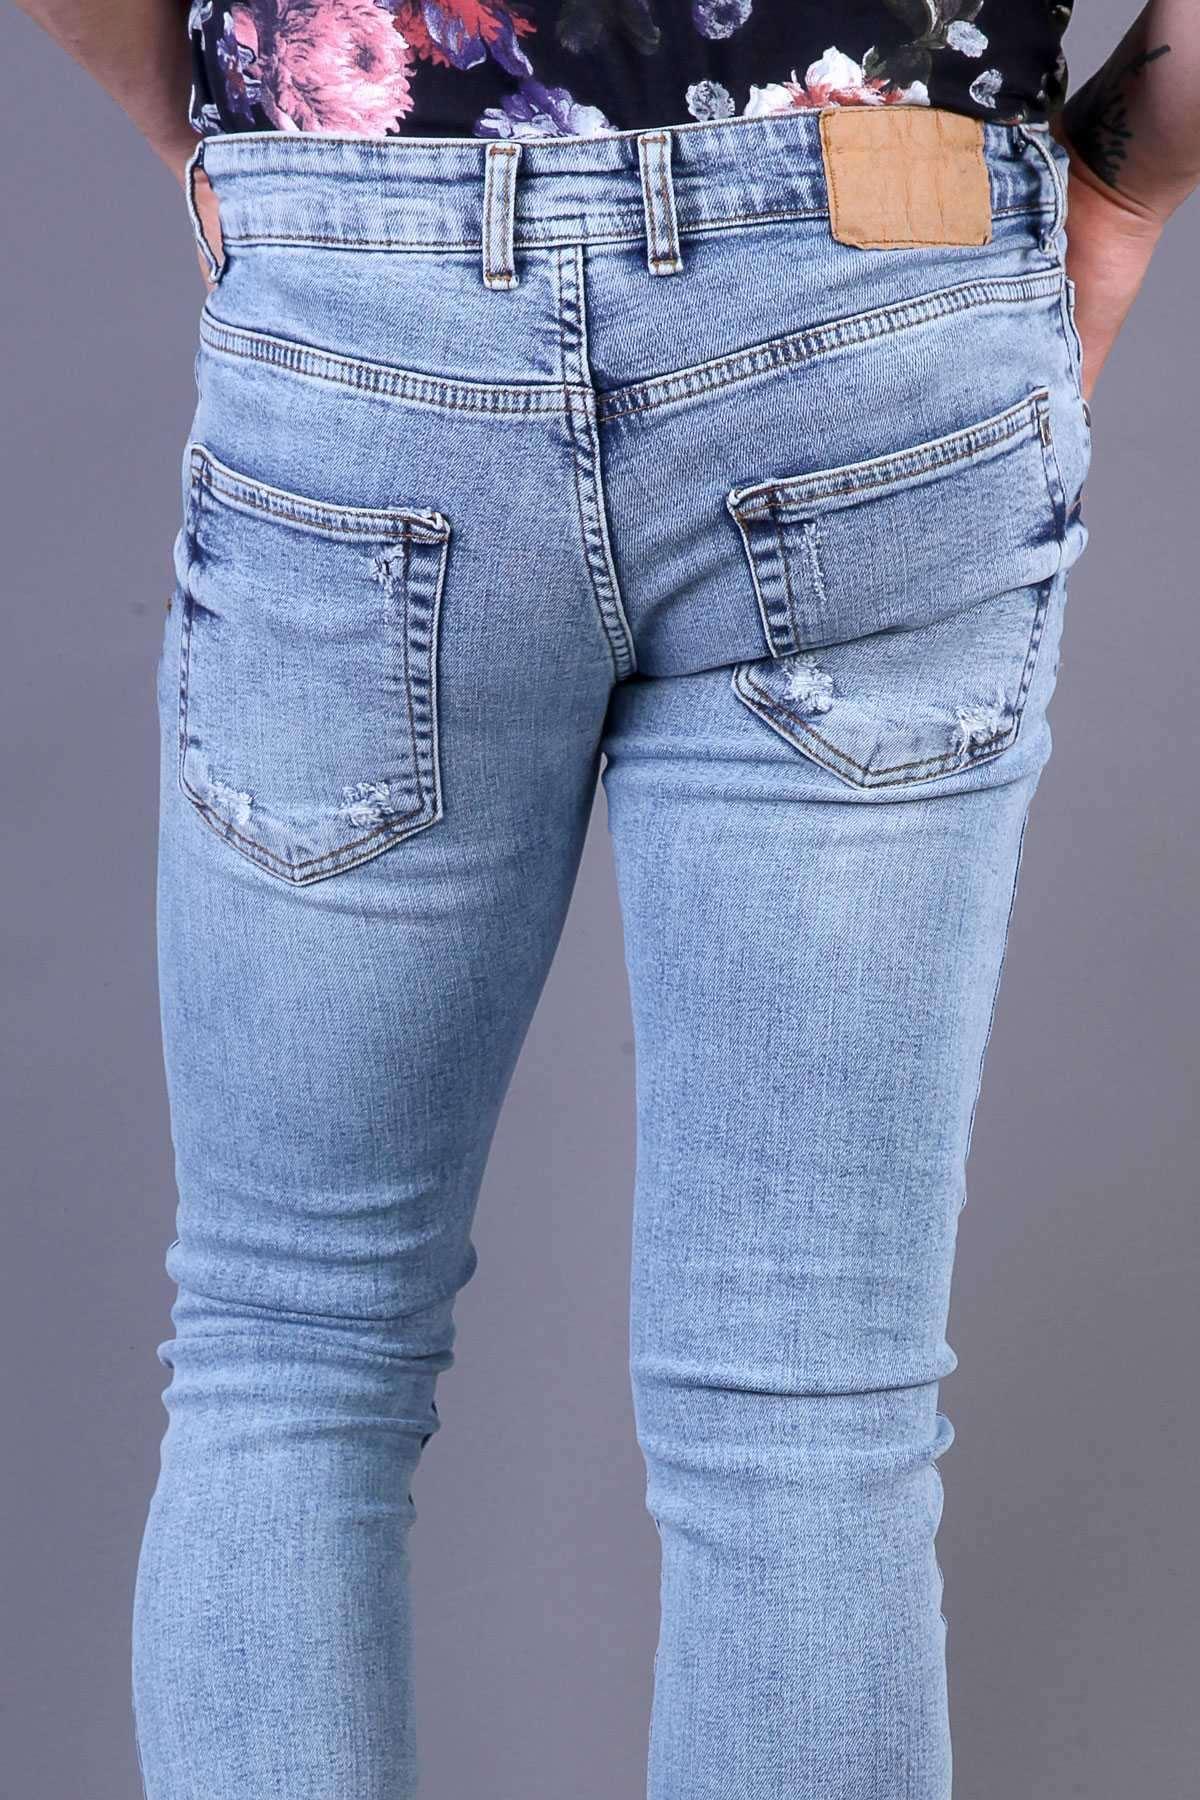 İp Yamalı Ful Taşlamalı Slim Fit Kot Pantolon Açık-Mavi